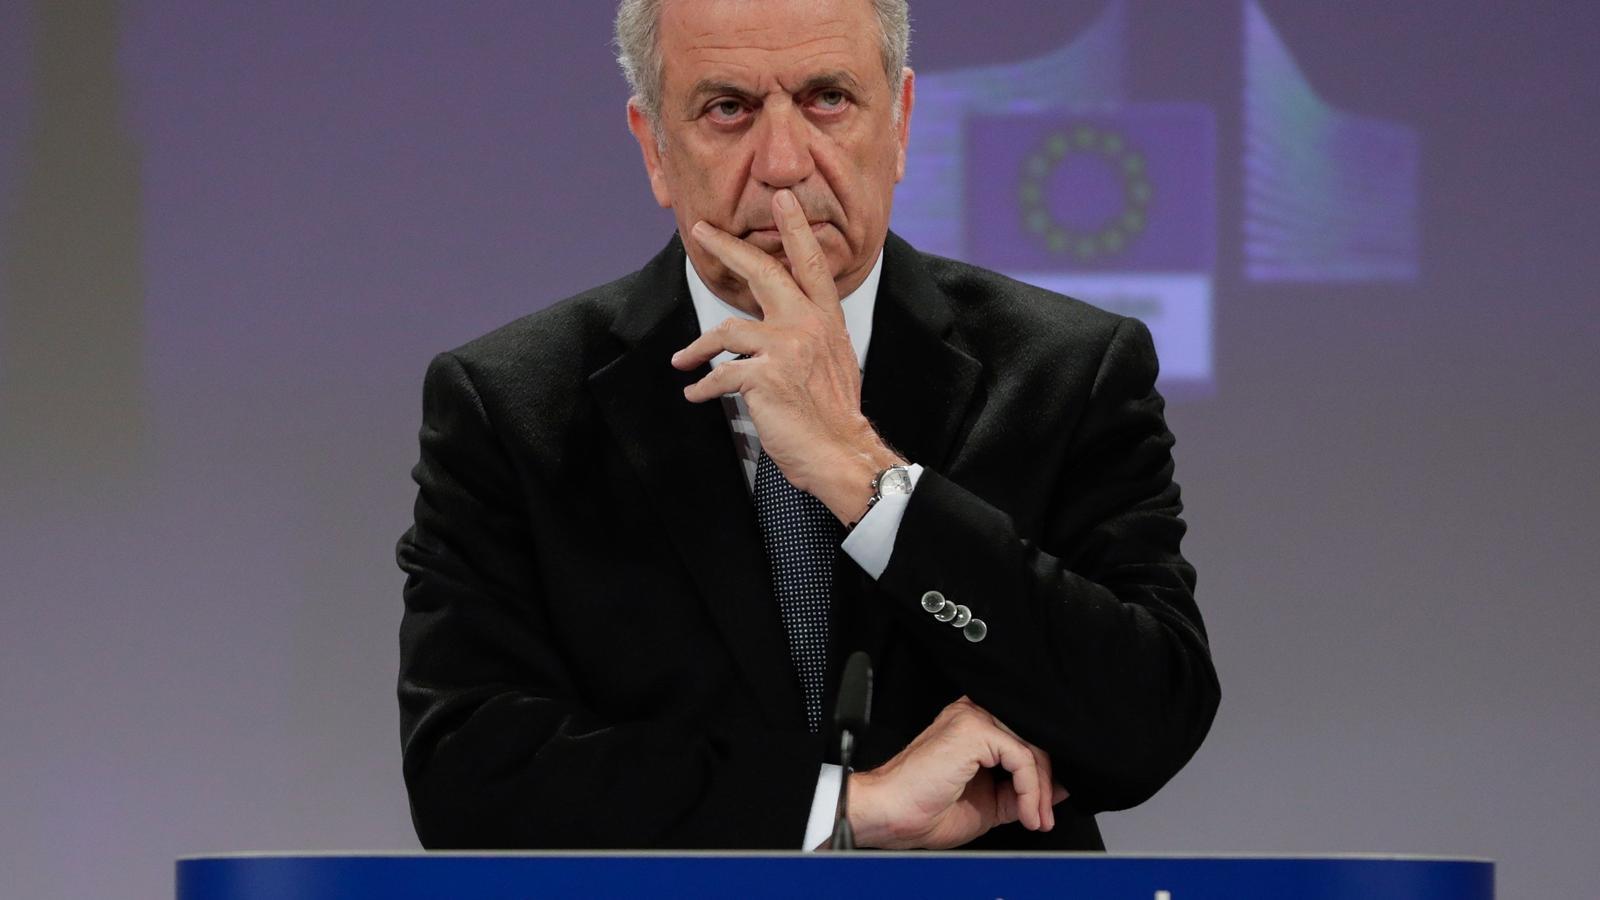 Brussel·les avisa els estats que venen visats a grans inversors que no vigilen prou el blanqueig ni l'evasió fiscal